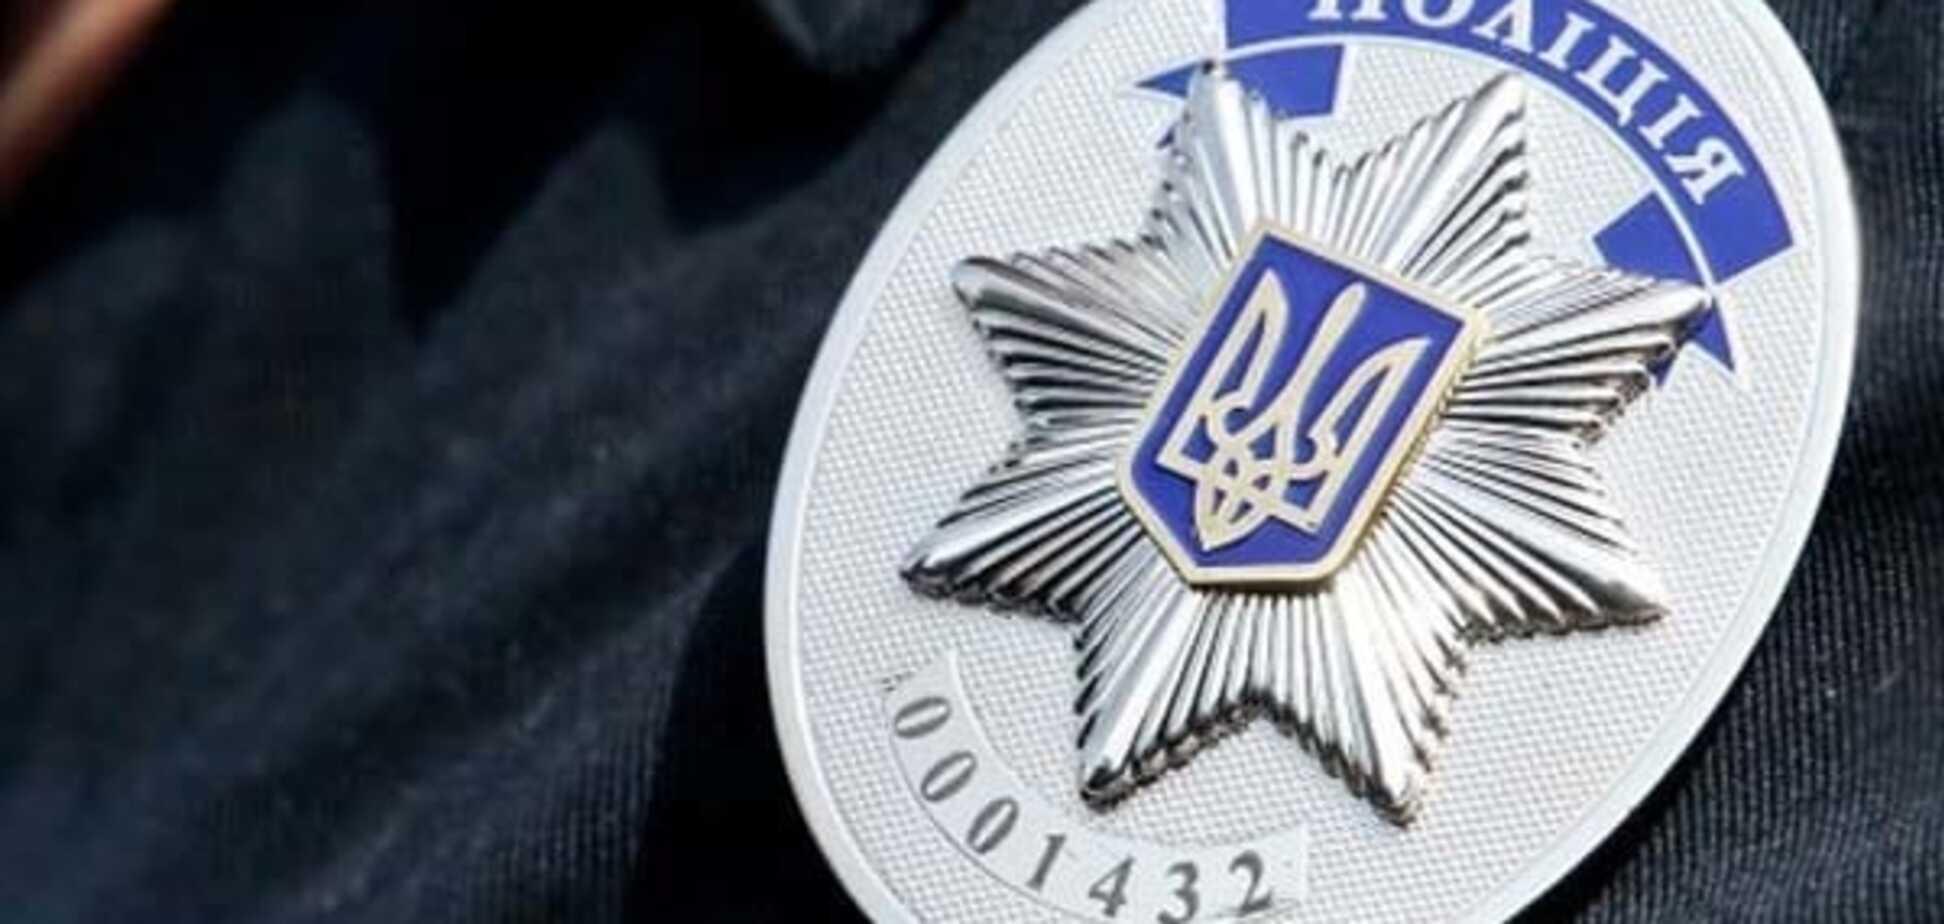 Масштабы киевской преступности: из шестидесяти краж за сутки раскрыли одну